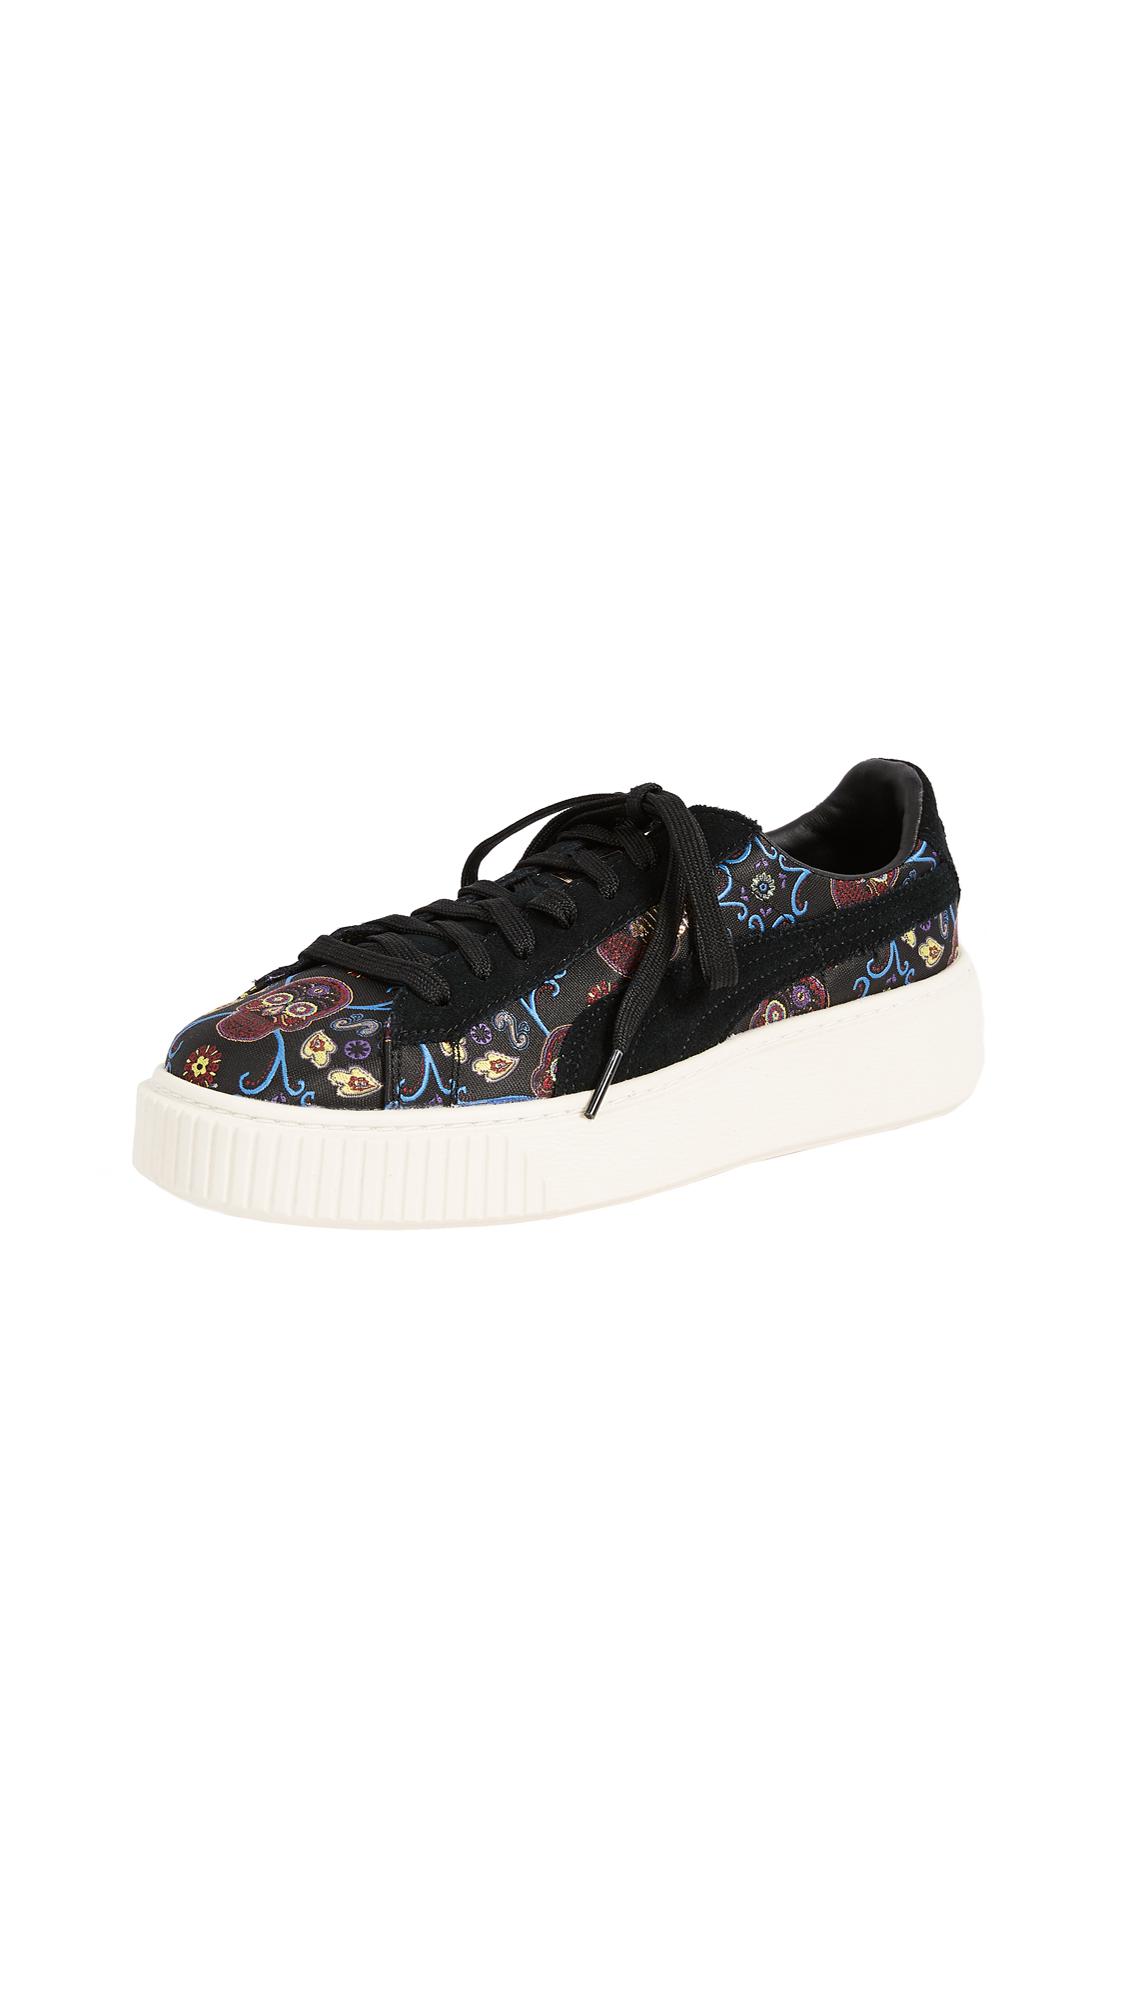 PUMA Platform Sneakers - Puma Black